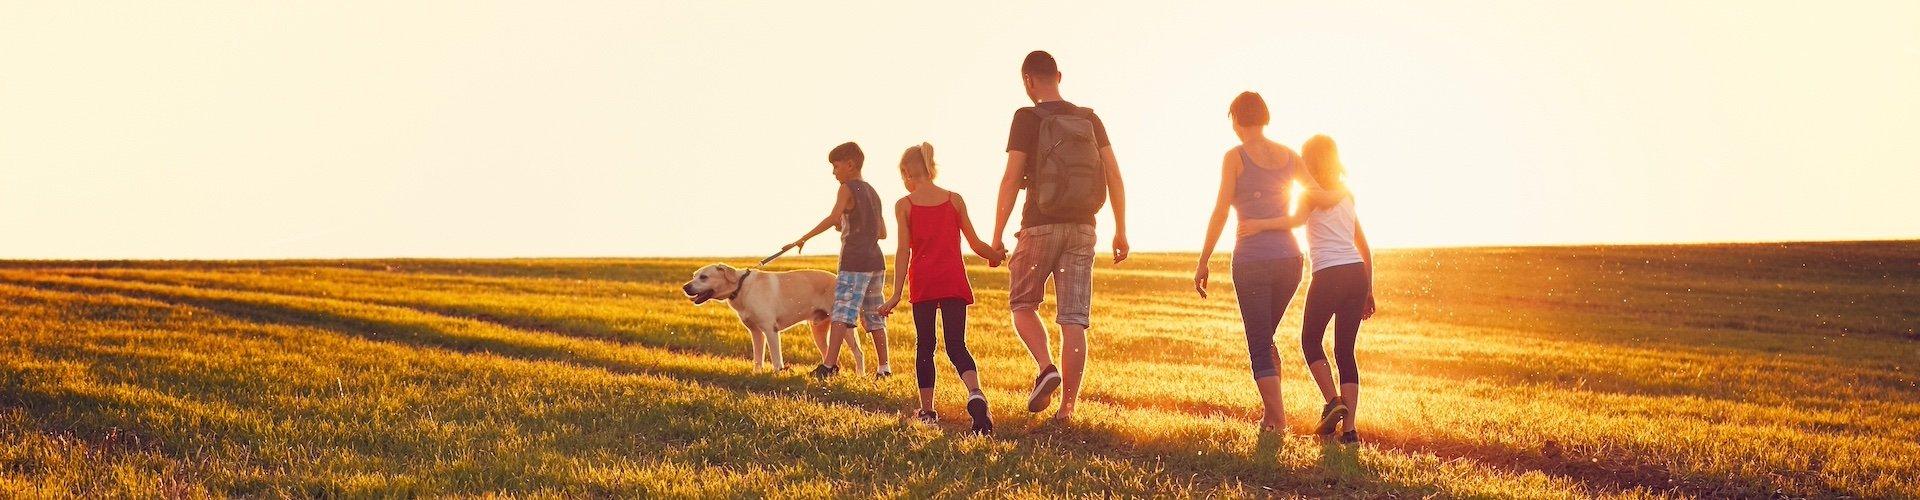 Familienurlaub mit dem Hund